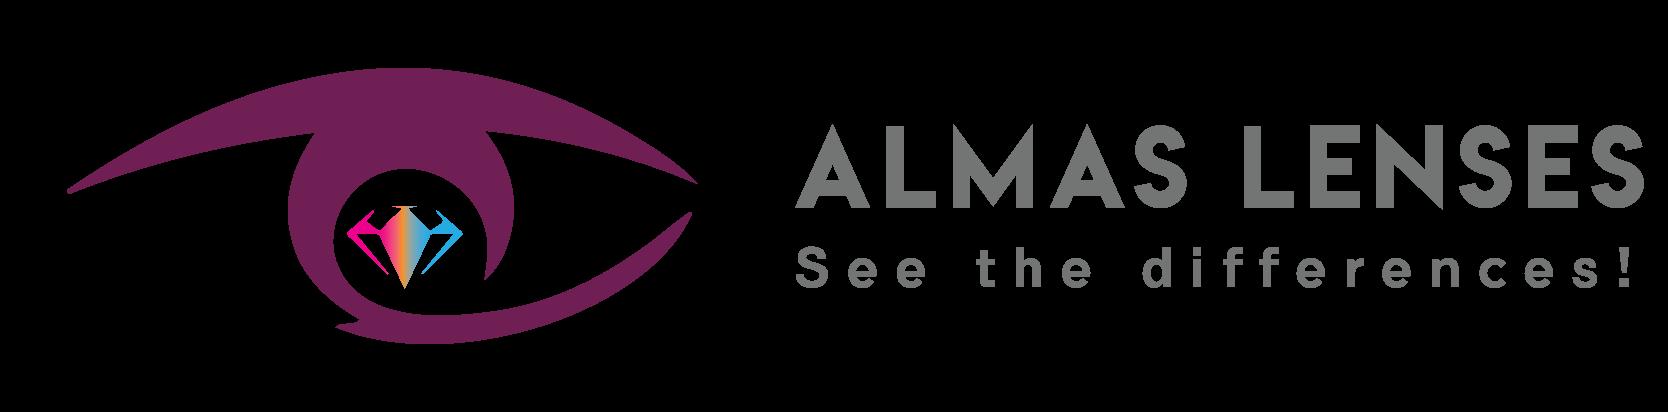 Almas Lenses | Ruim aanbod aan kleurlenzen voor een subtiele of fancy nieuwe look.